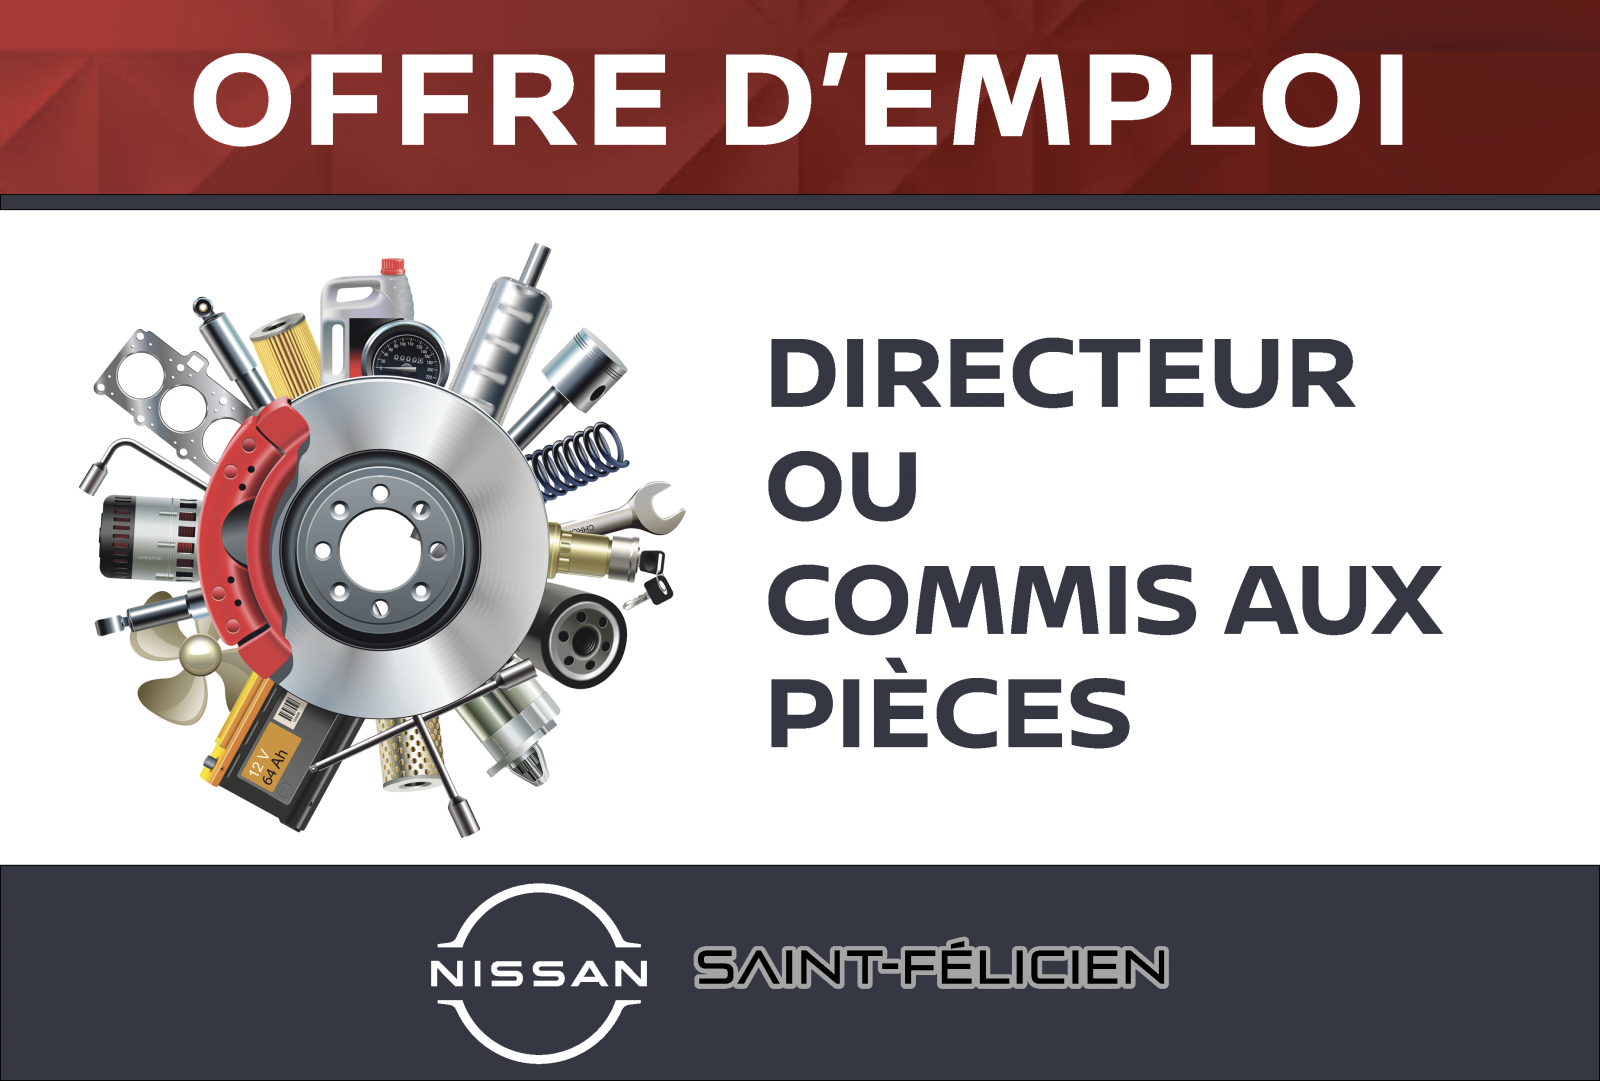 Saint-Félicien Nissan : OFFRE D'EMPLOI – Directeur ou Commis aux pièces